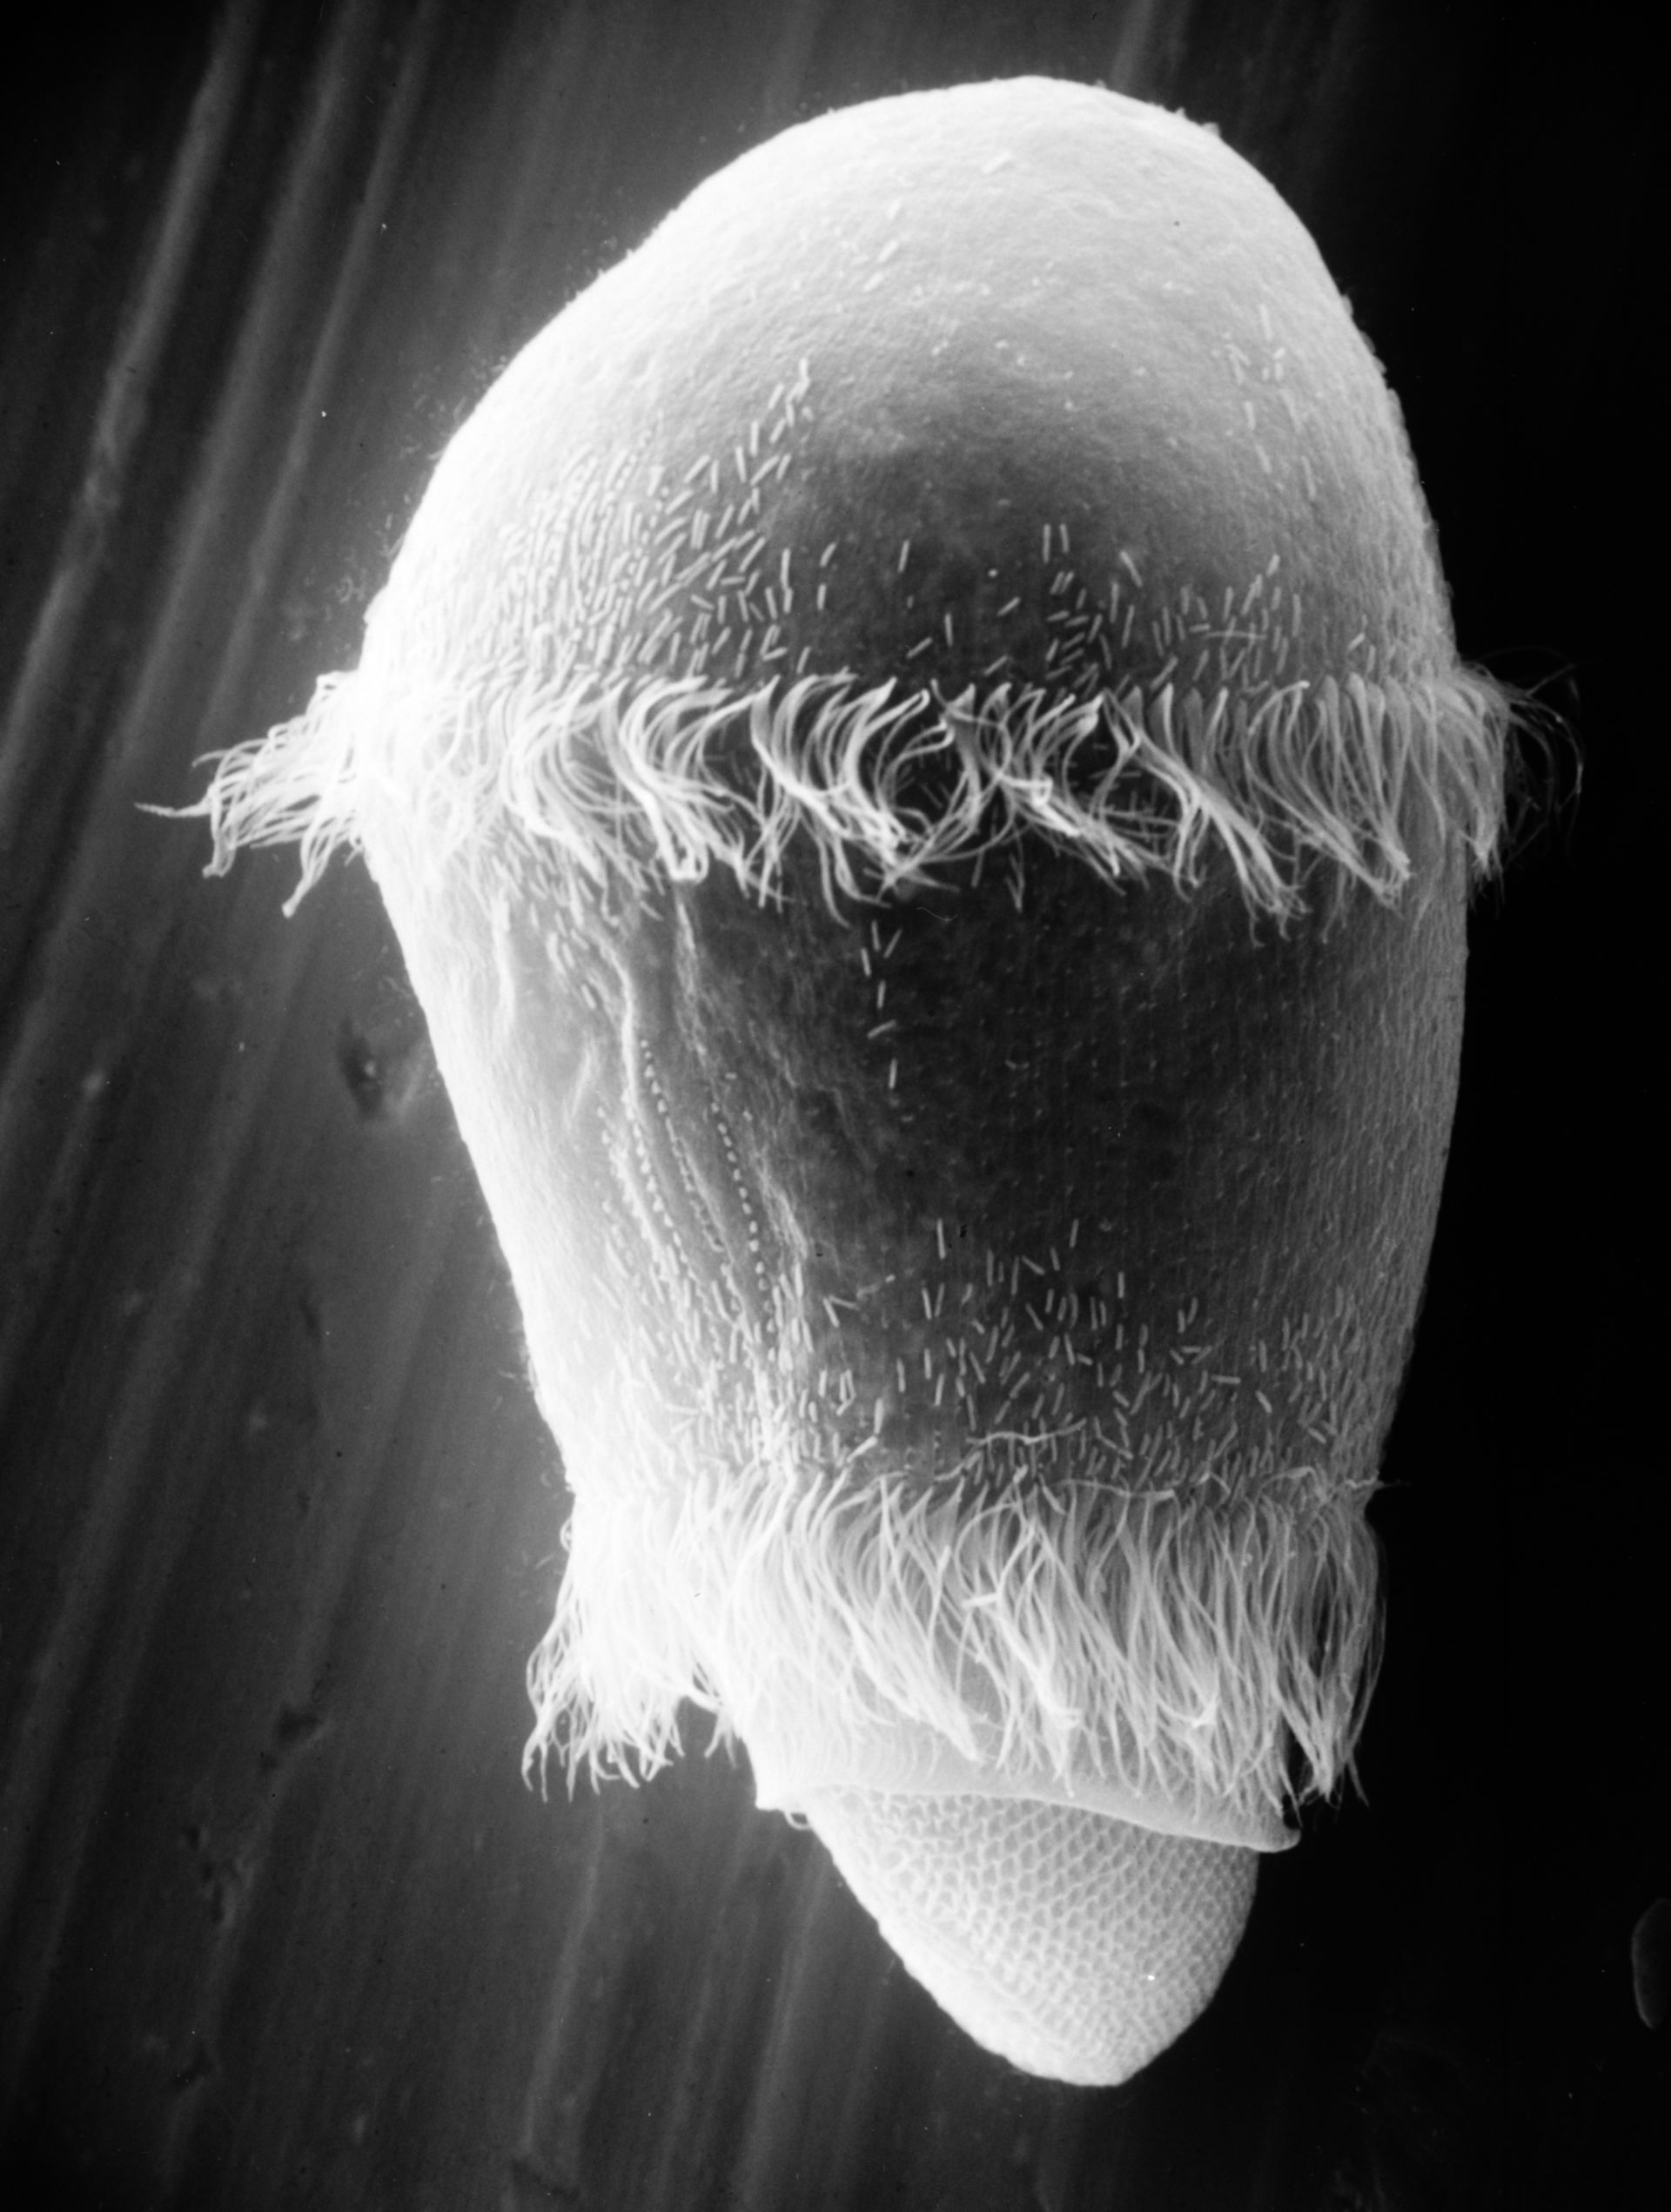 Paramecium sp. (simbiosi extracellulare) - CIL:21992